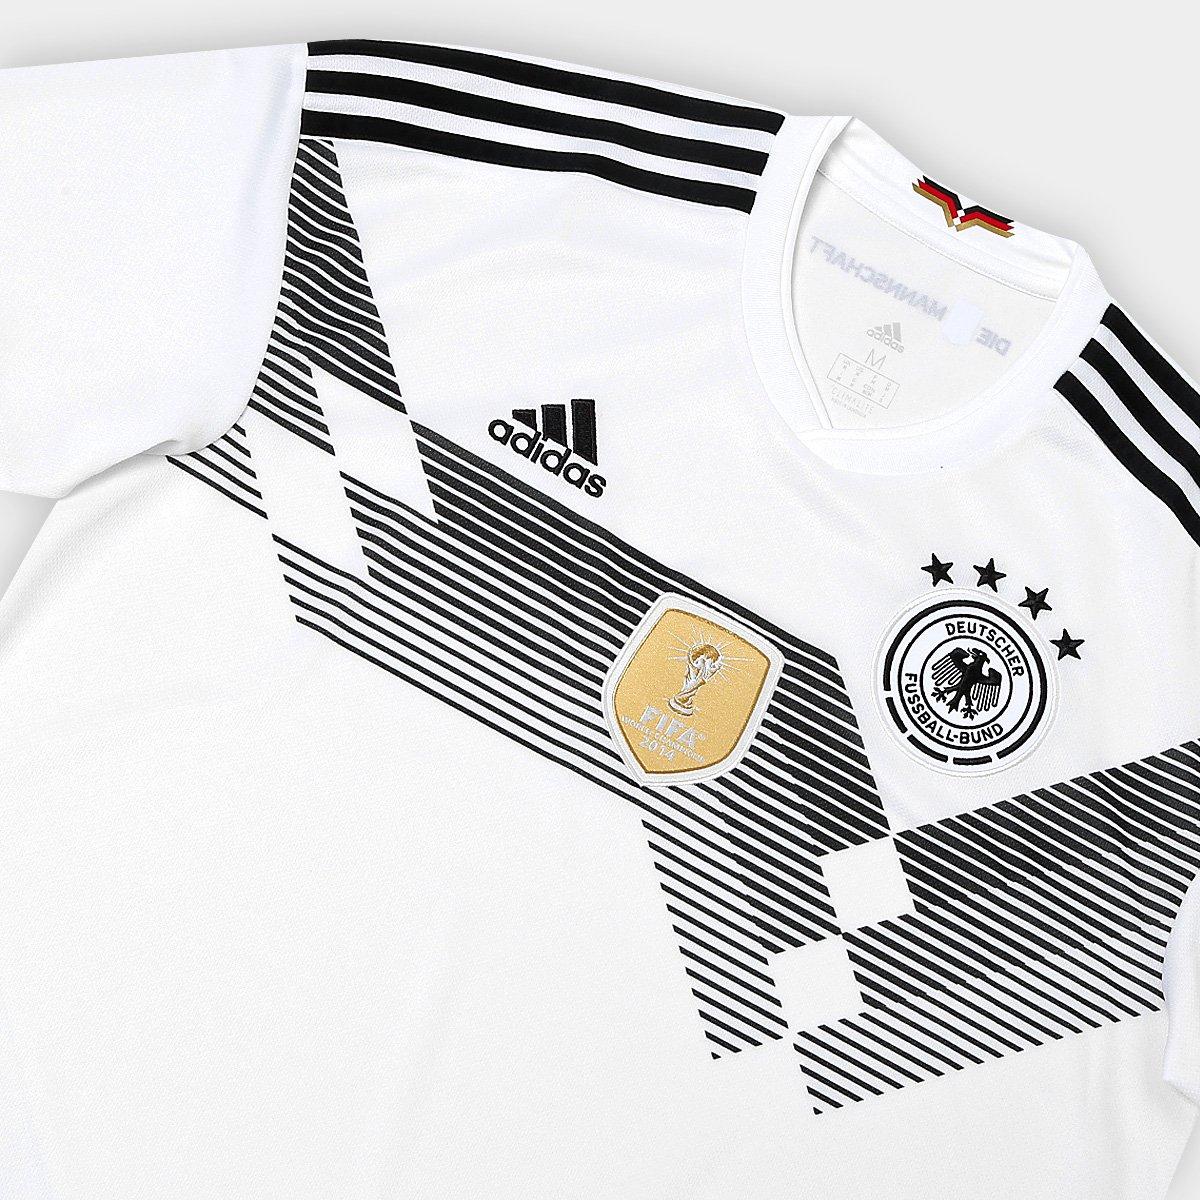 5e802b1598 ... Camisa Seleção Alemanha Home 2018 n° 23 Gomez - Torcedor Adidas  Masculina